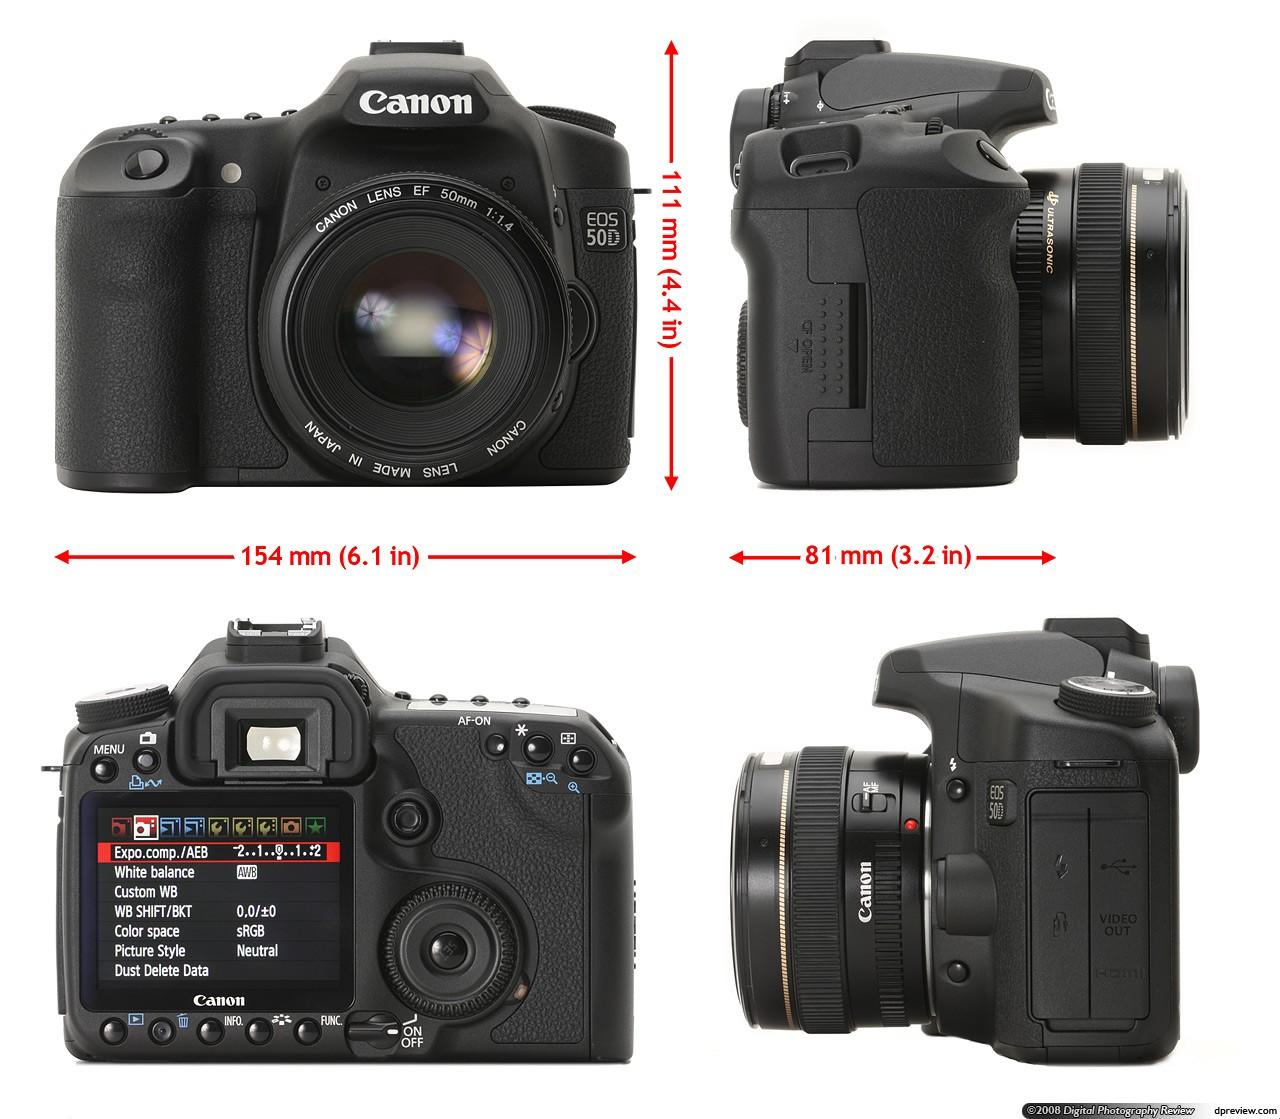 инструкция к фотоаппарату canon digital ixus 8515